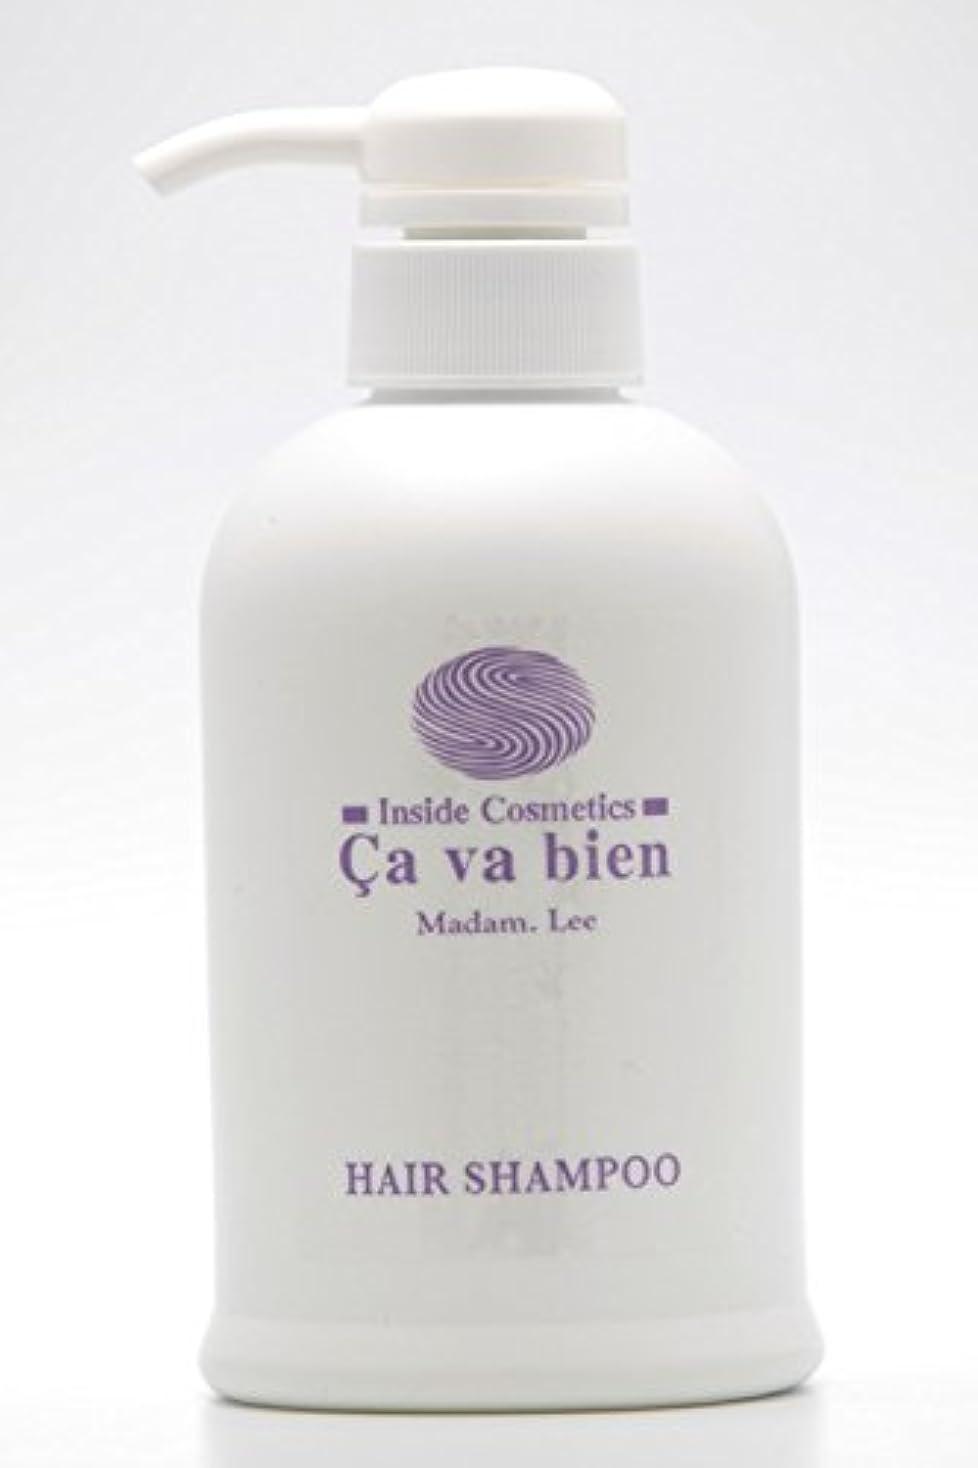 バリー基本的な答えアミノ酸シャンプー Hair Shampoo